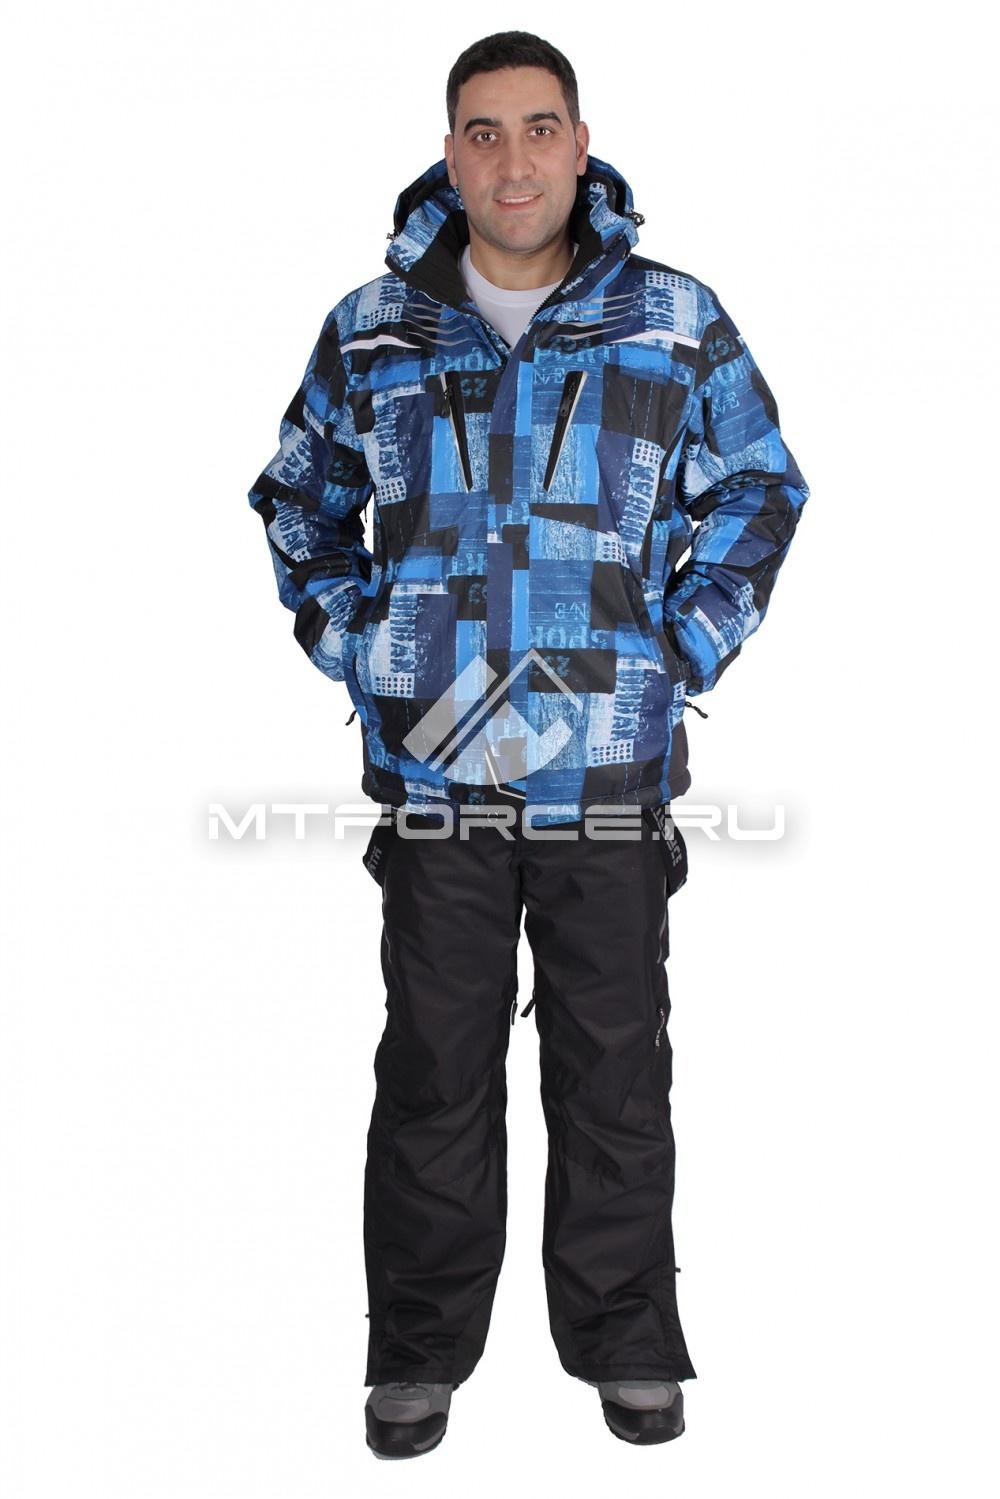 Купить                                  оптом Костюм горнолыжный мужской синего цвета 01611S